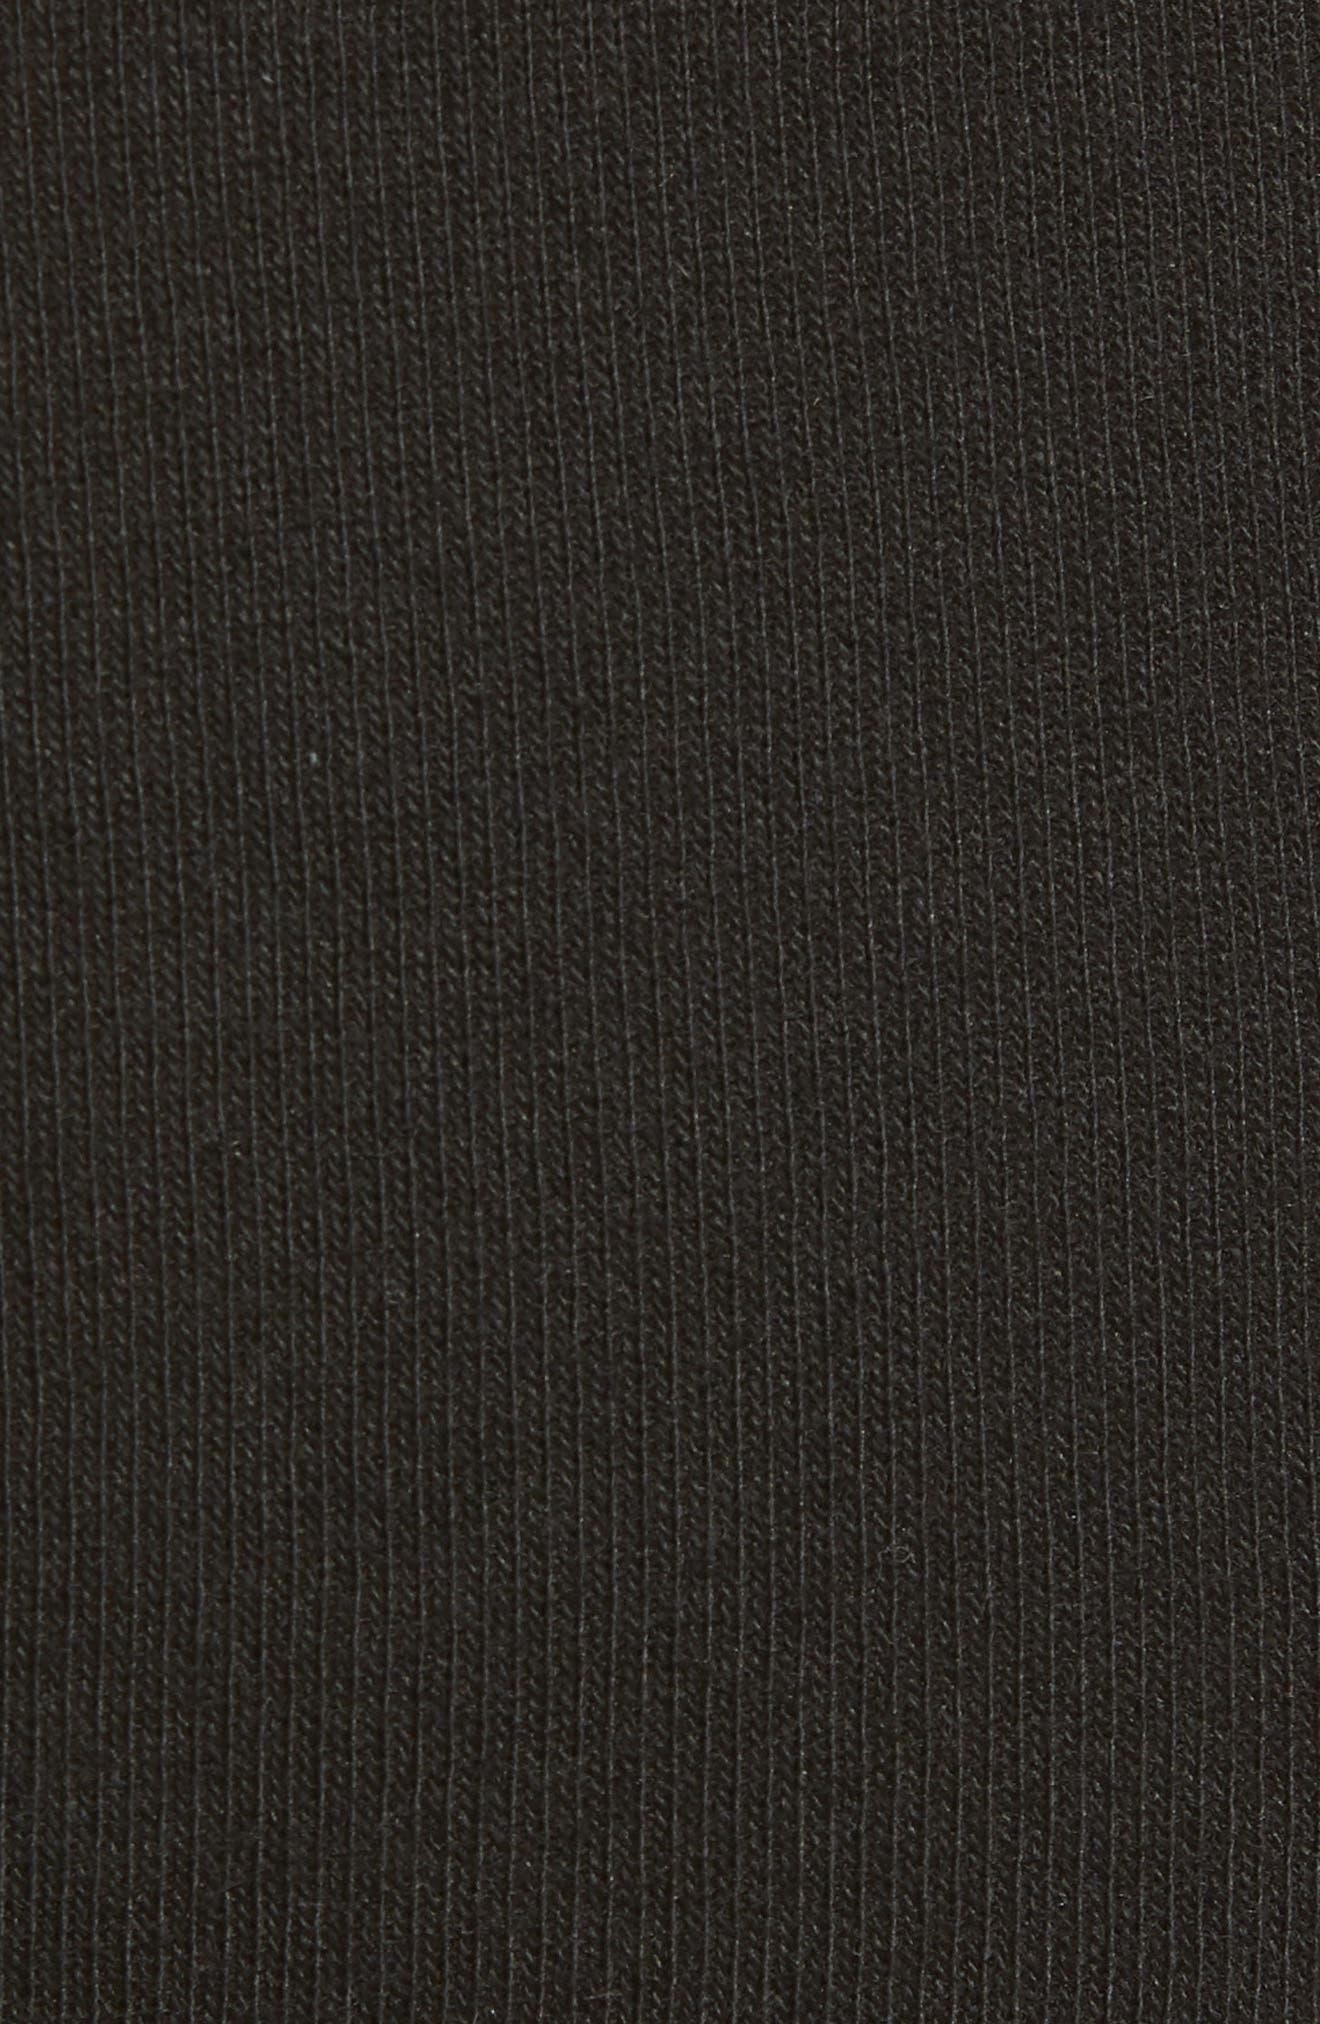 Classic 5-Pack Cotton Briefs,                             Alternate thumbnail 6, color,                             BLACK/ BLK/ GAZE/ BLUE